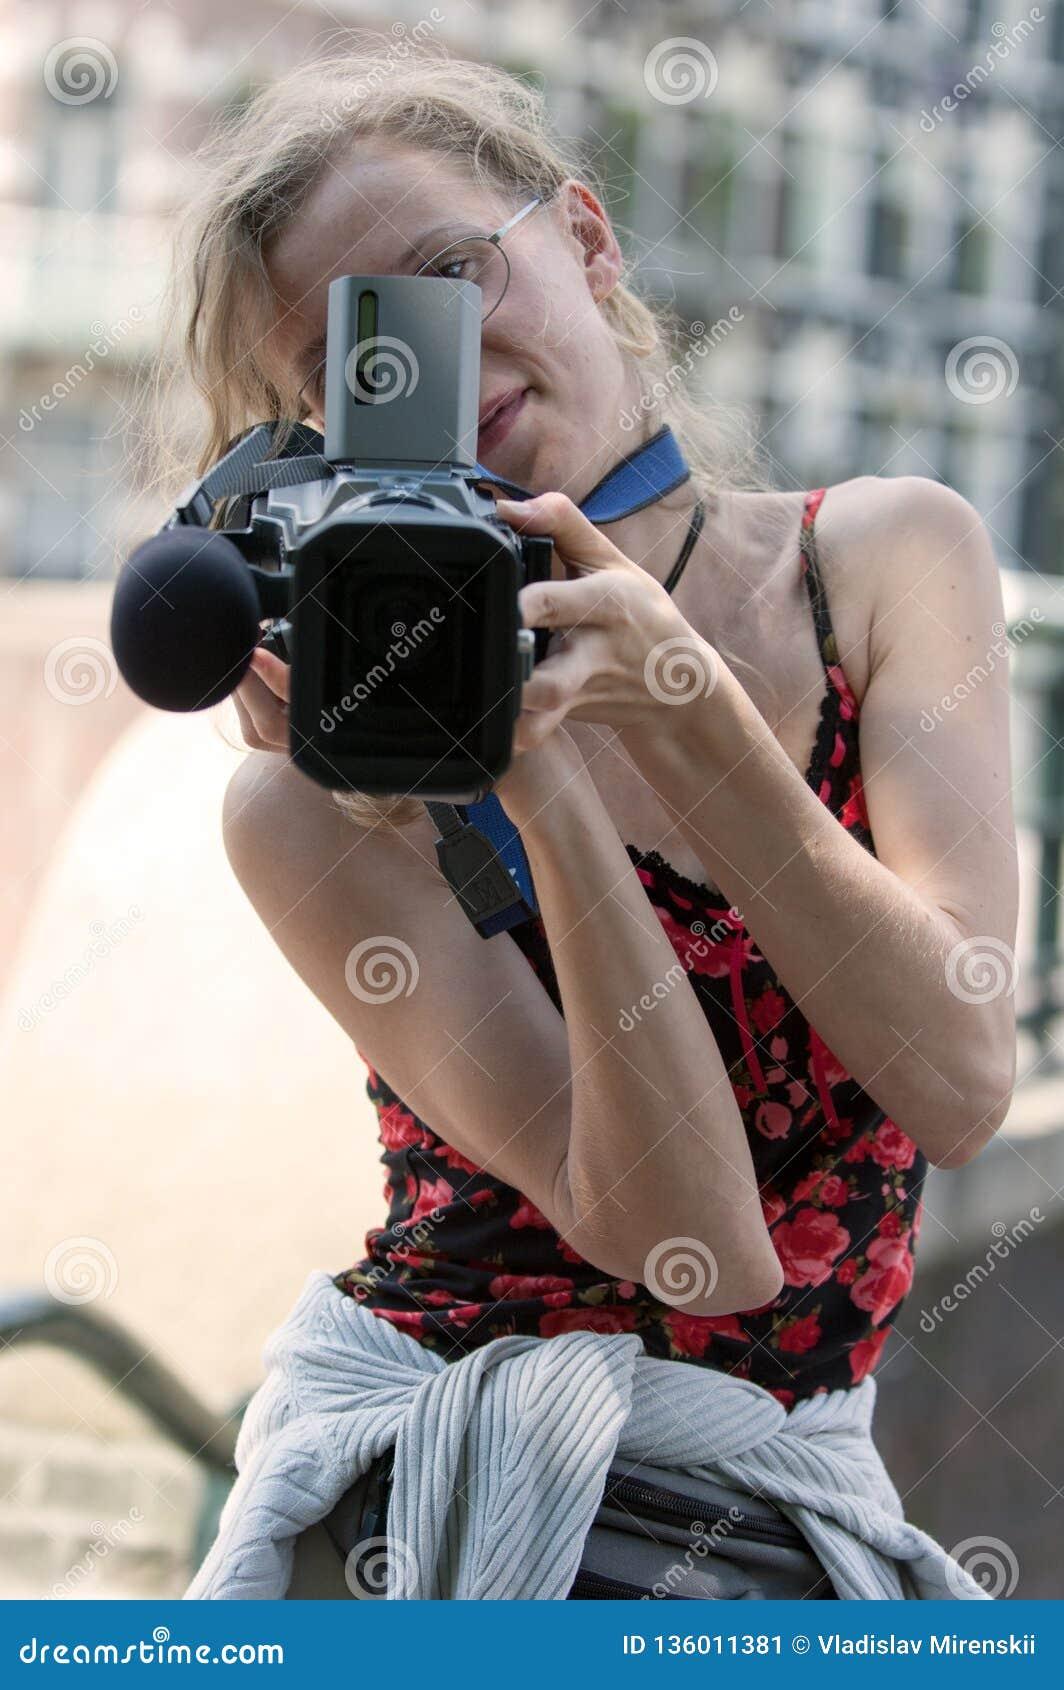 Porträt eines Mädchens mit einer Videokamera